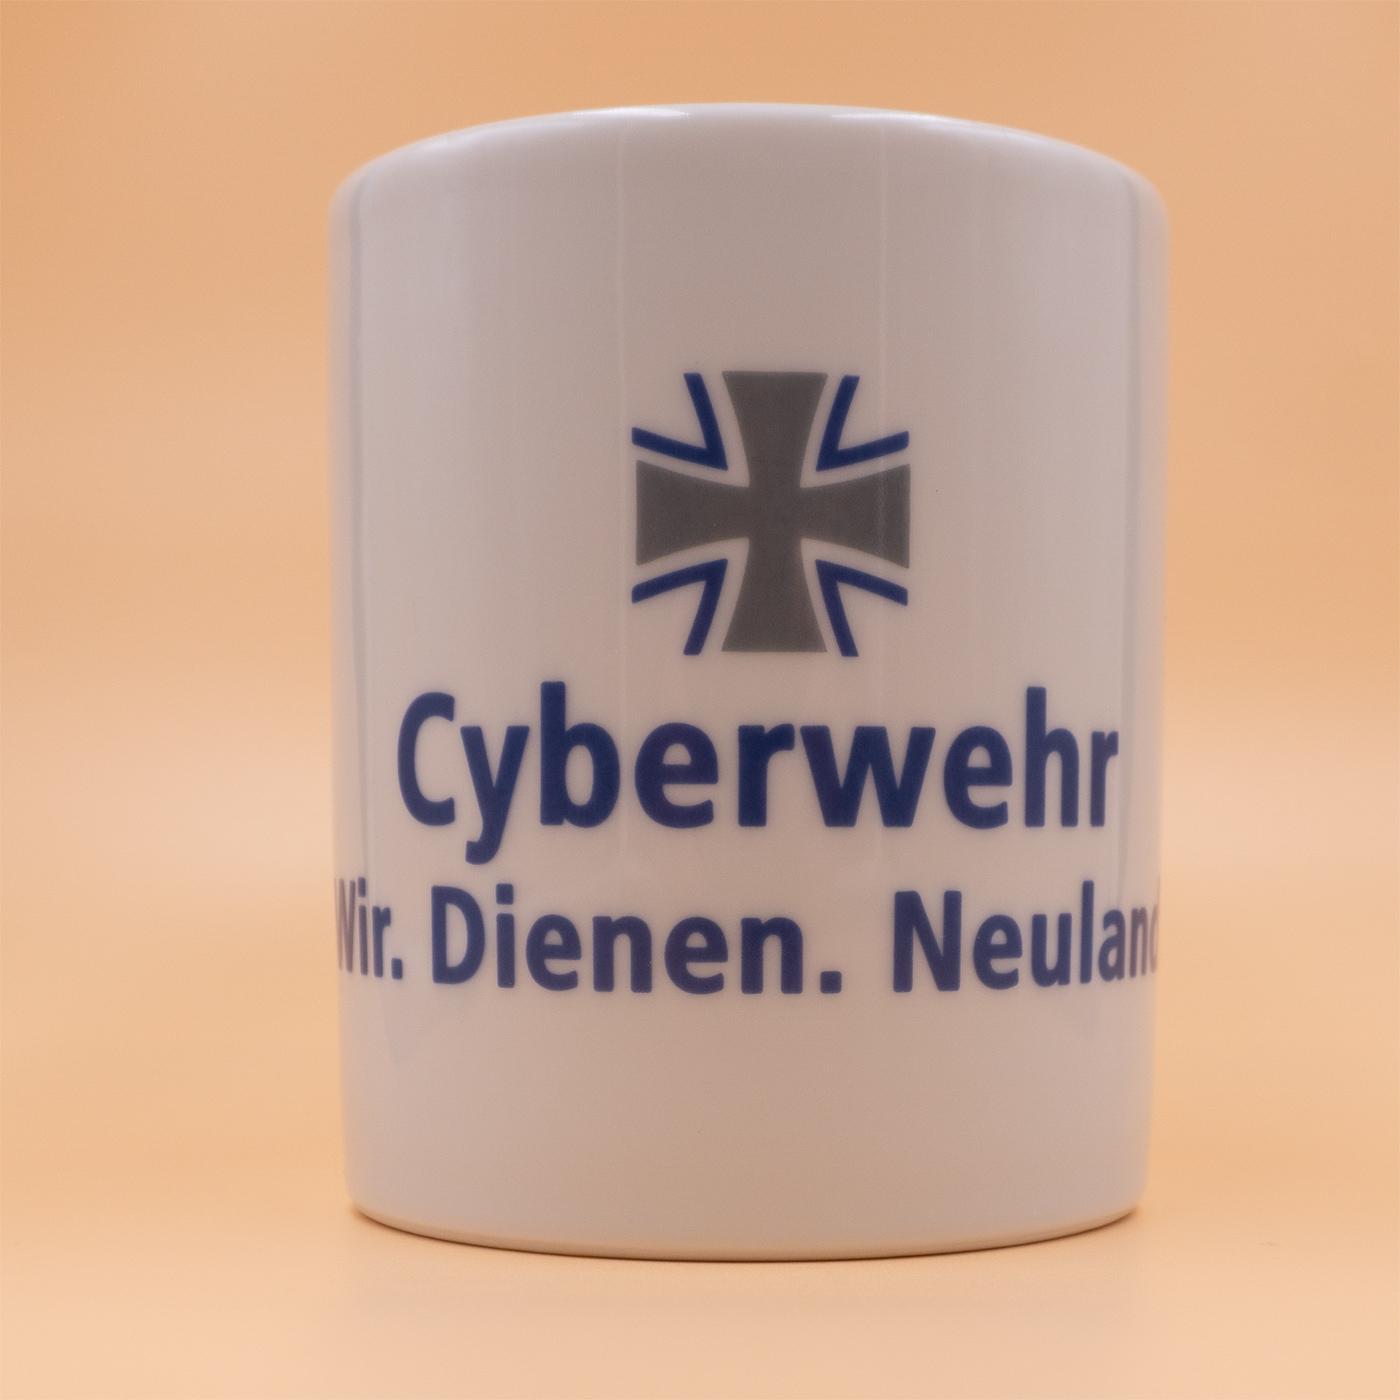 Tasse - Cyberwehr